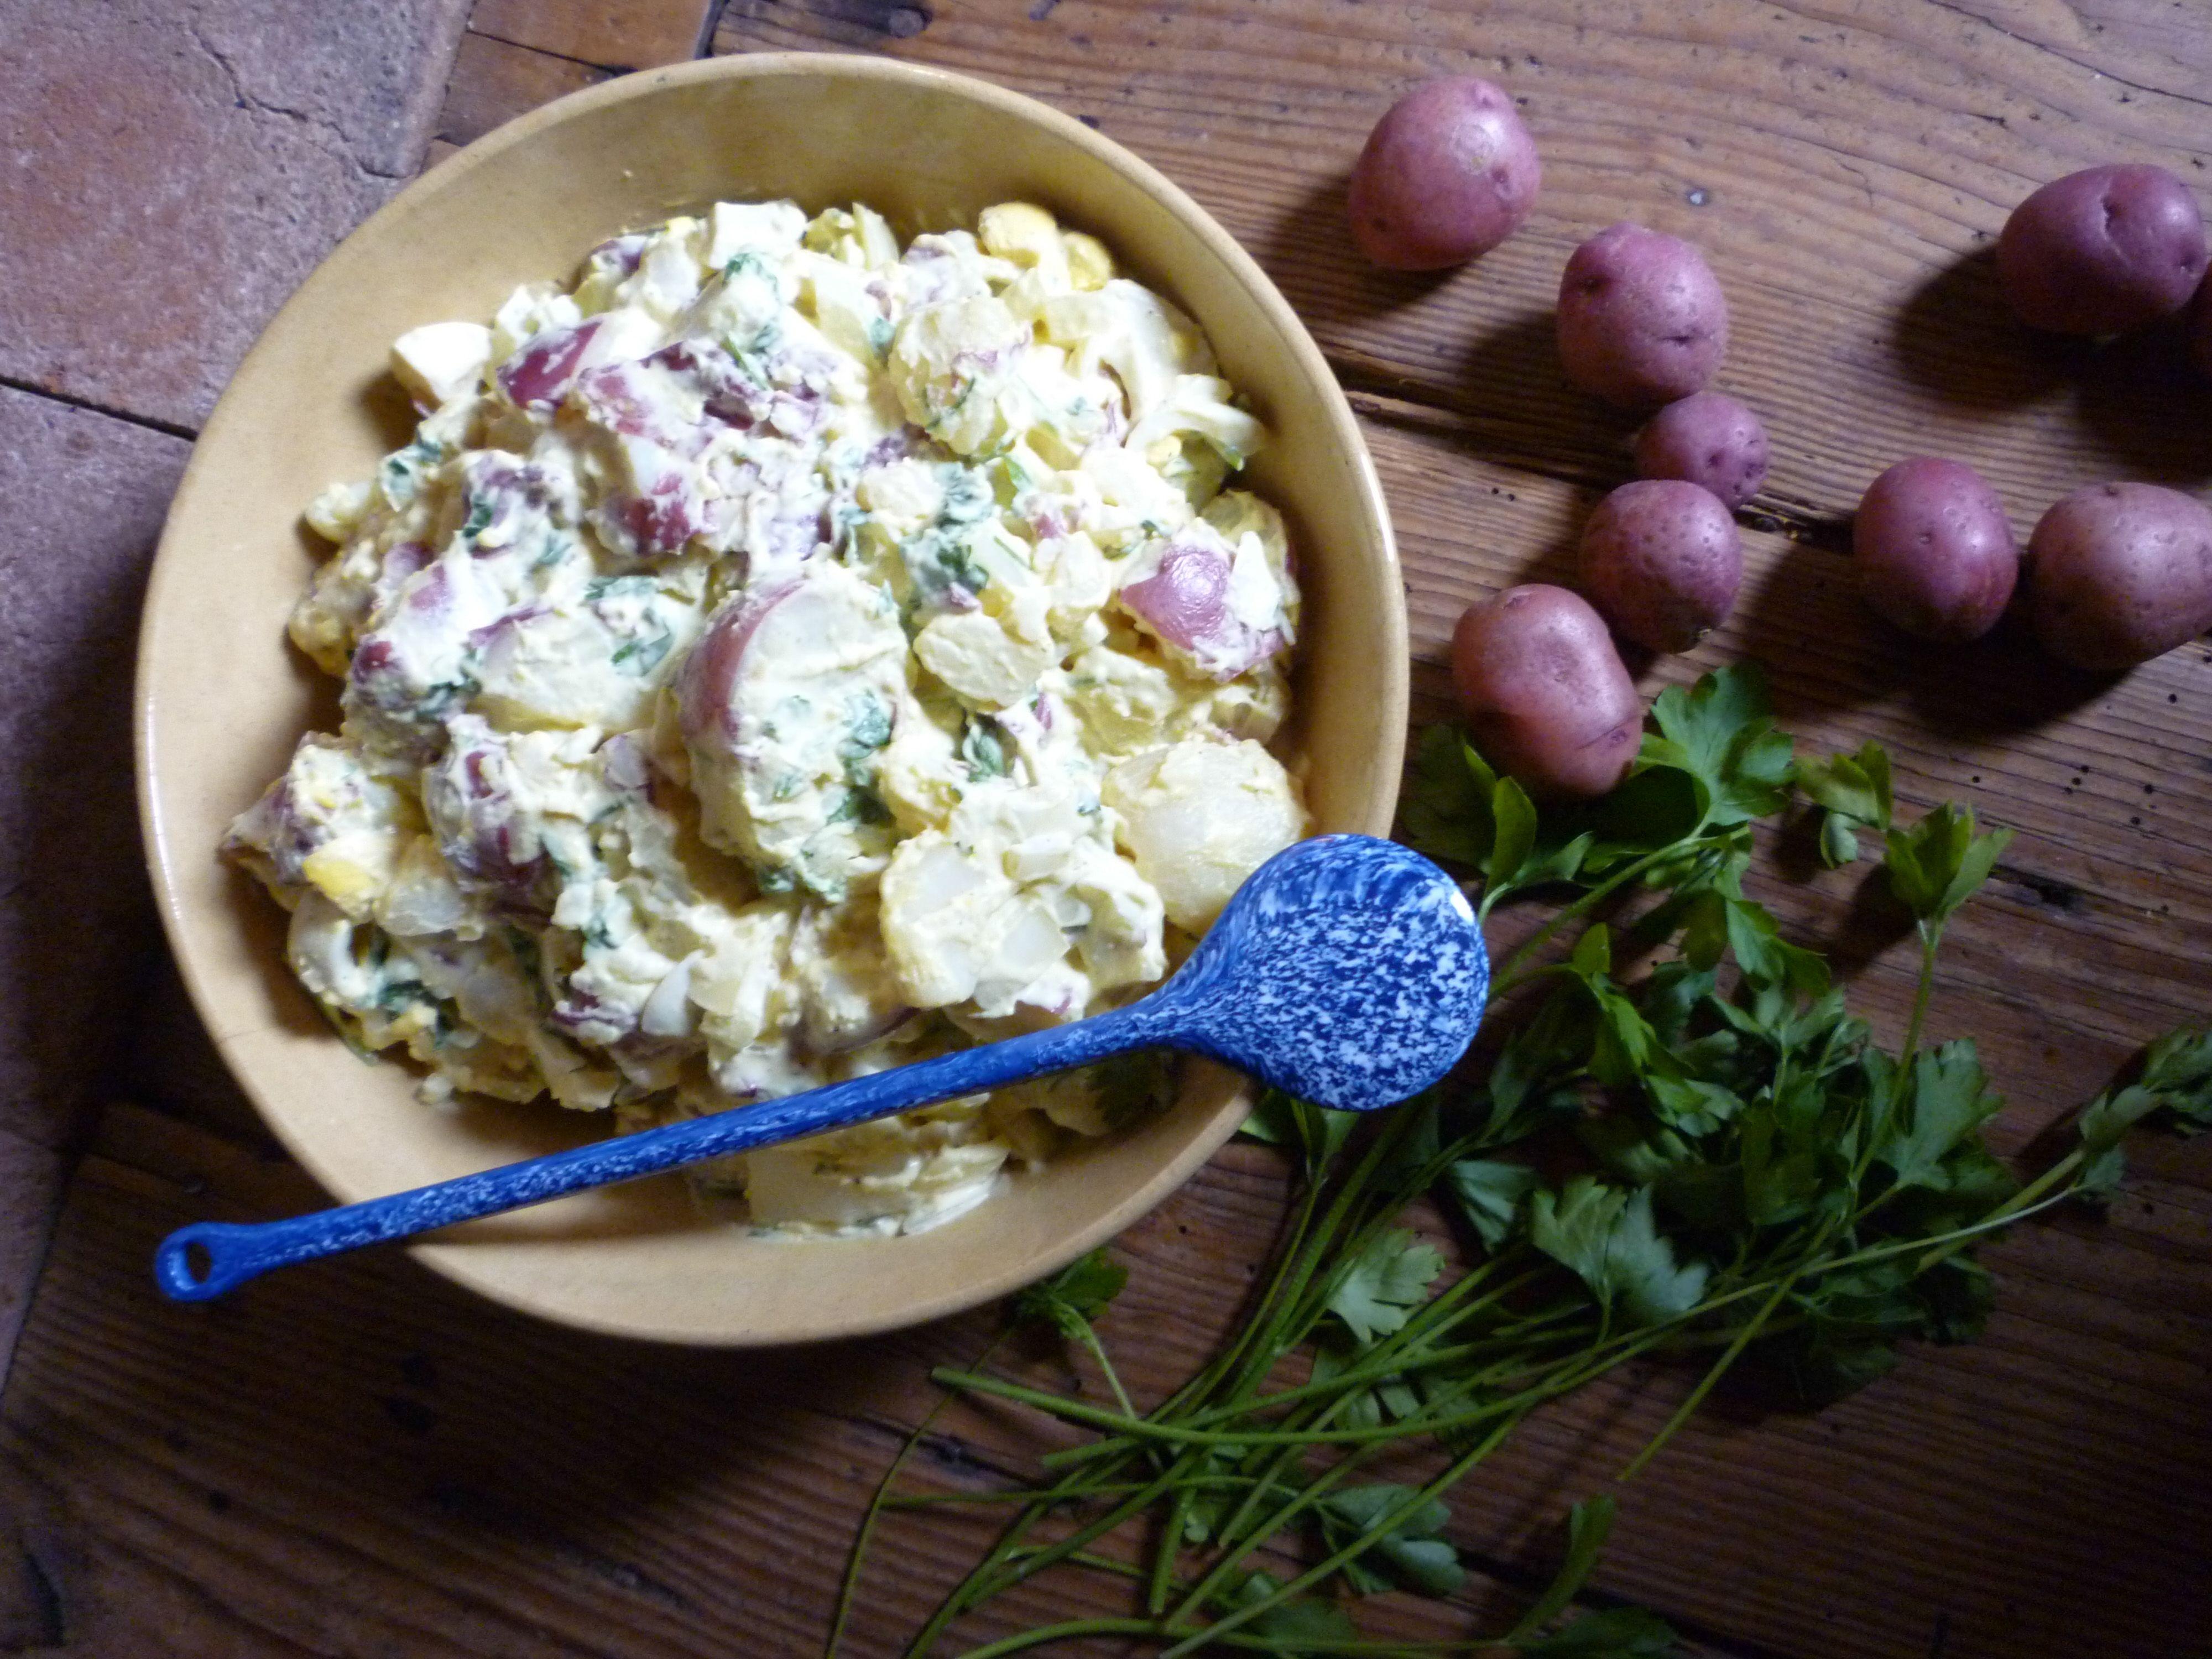 Grandmas potato salad receta recetas y comida forumfinder Gallery